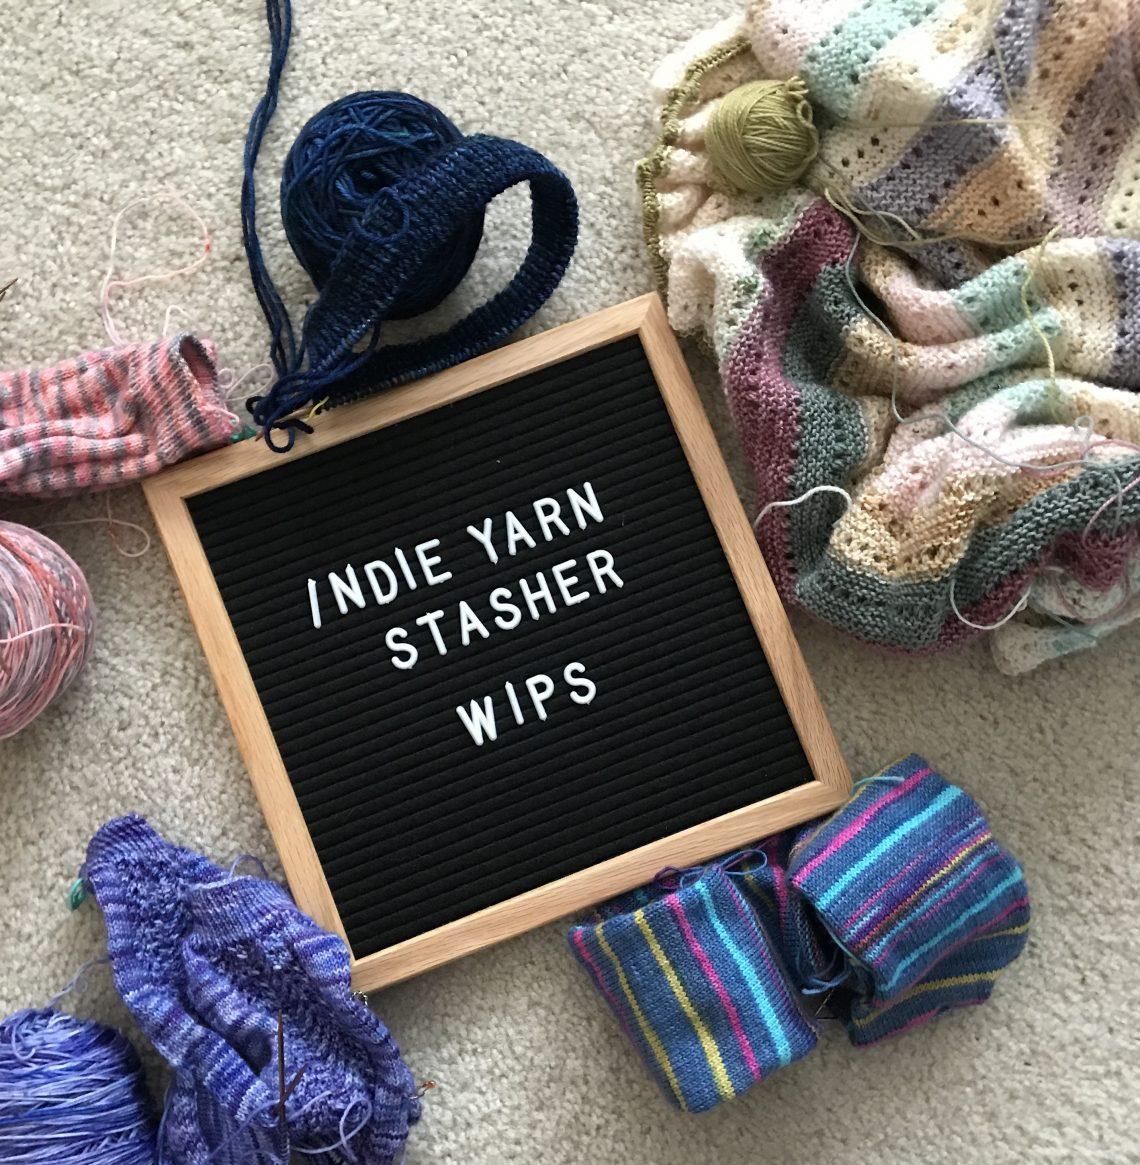 WIPs knitting